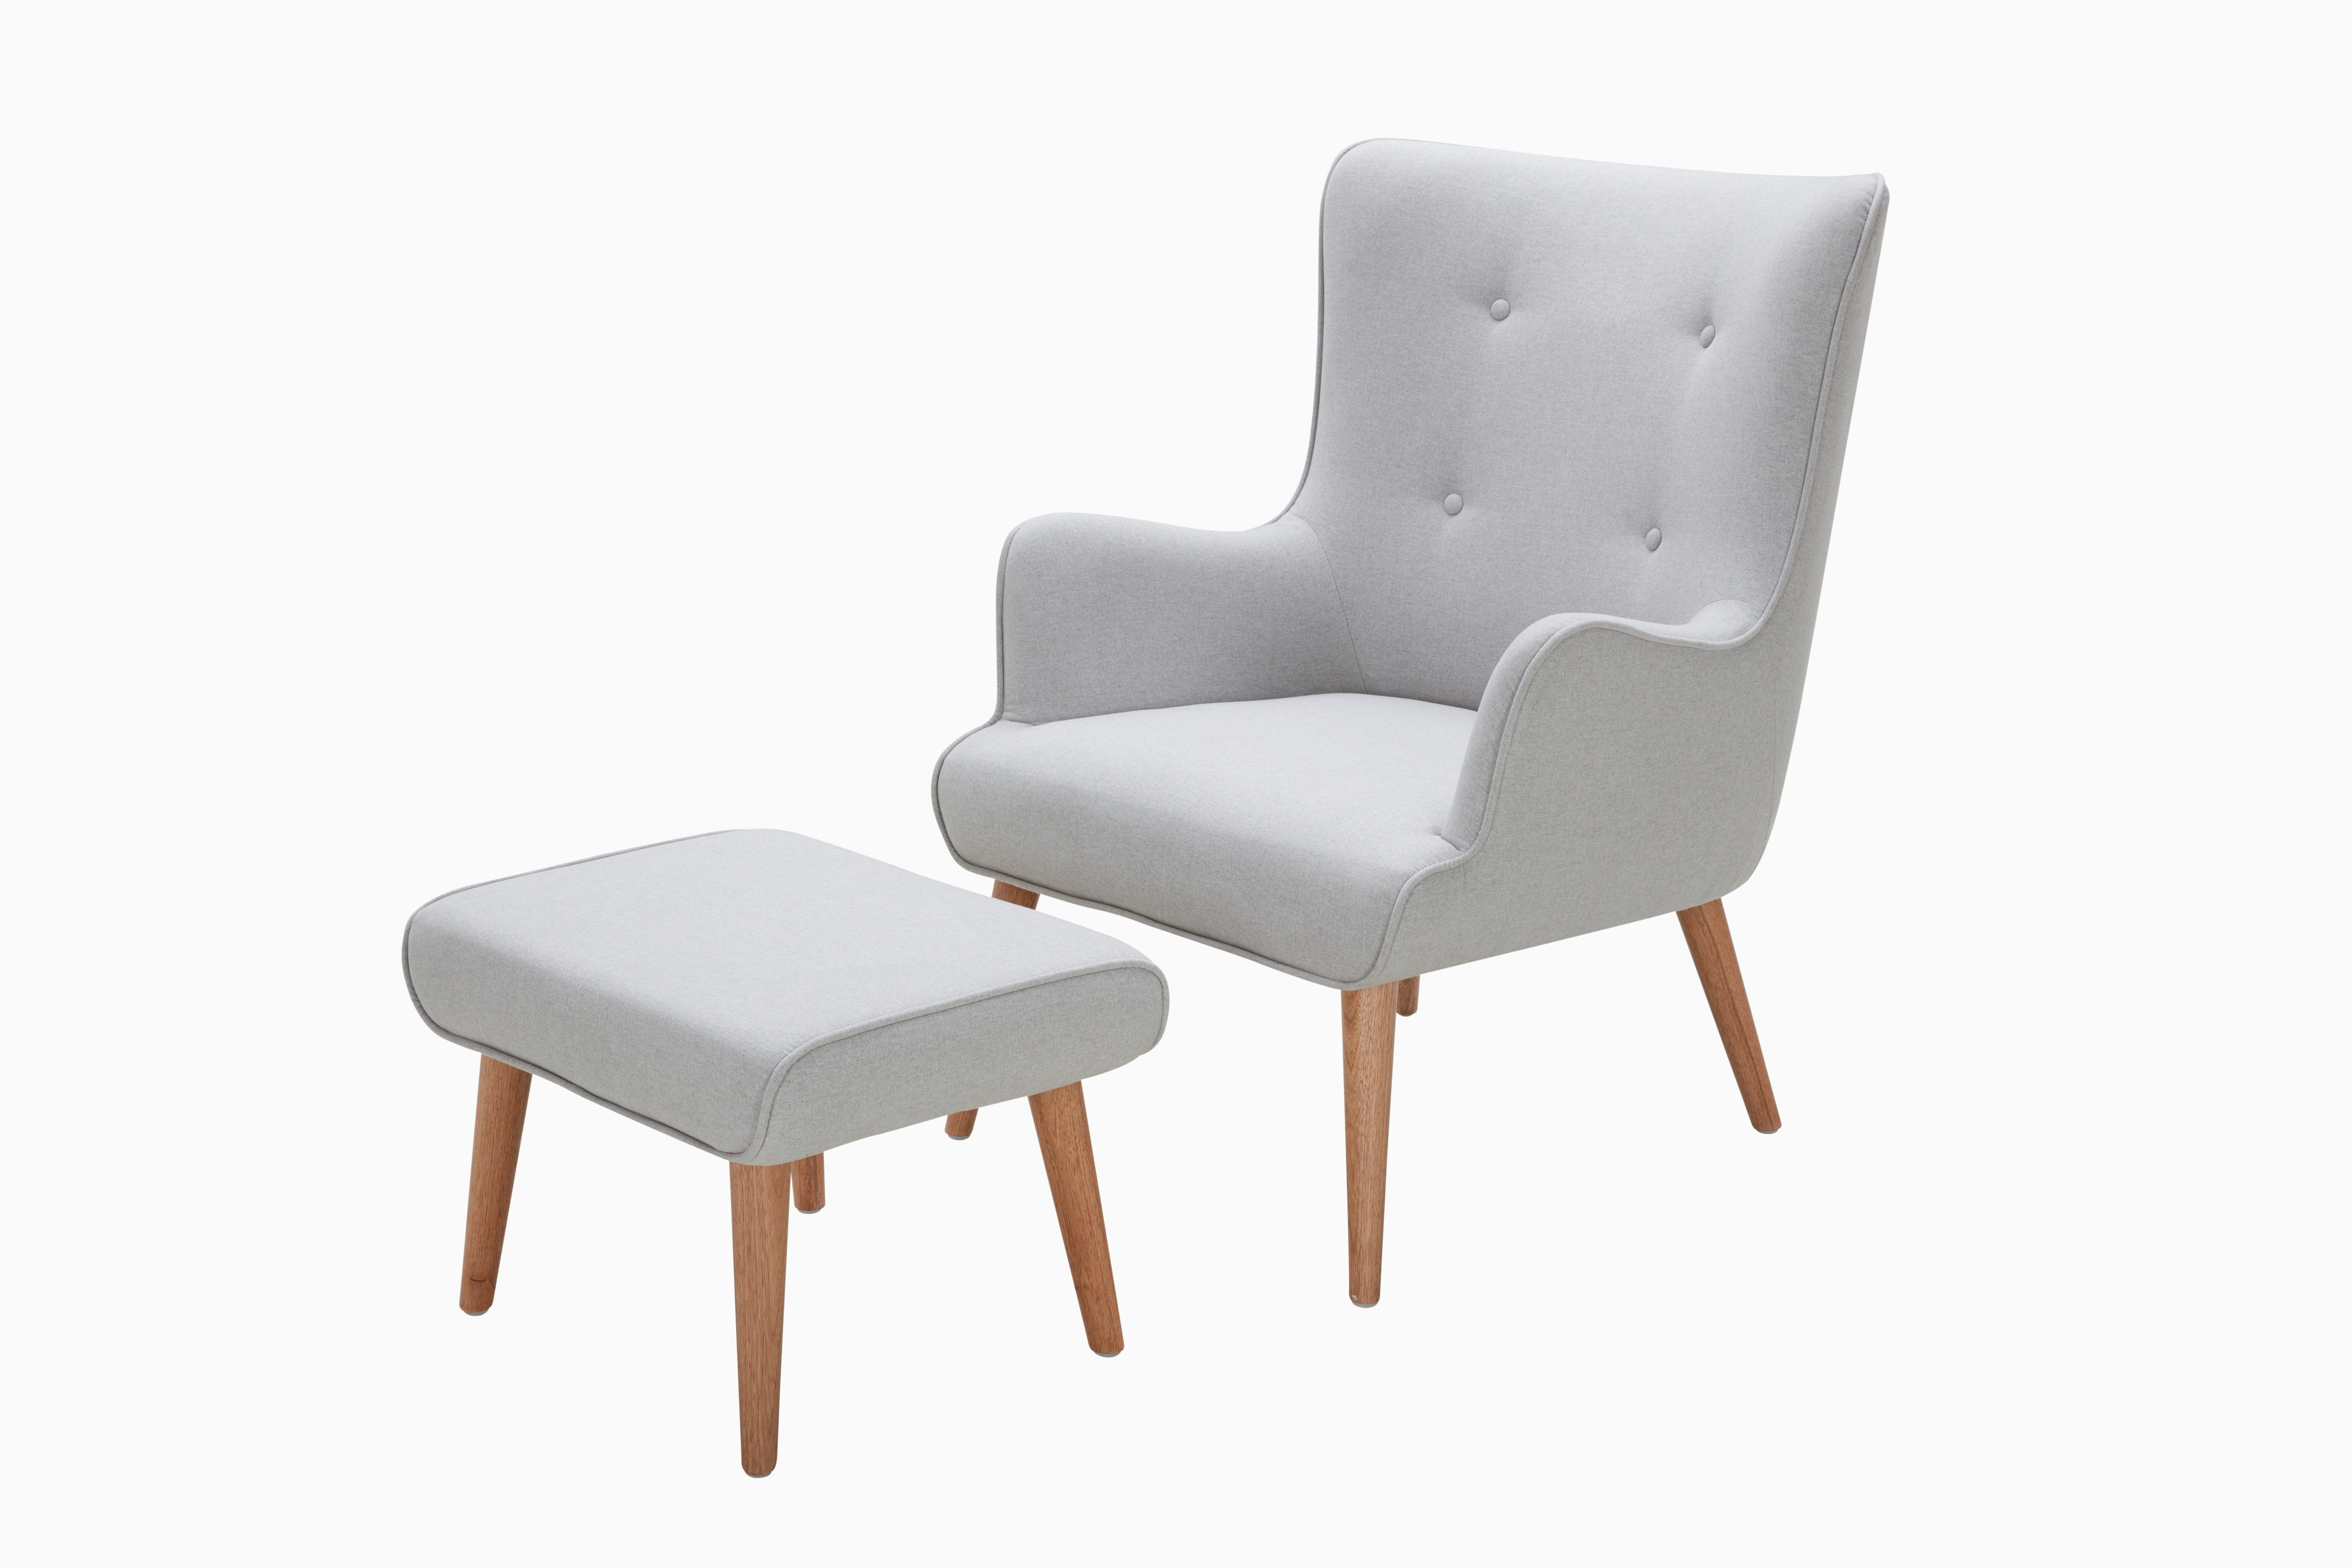 Matelas Pour Lit Articulé 2x80x200 Impressionnant Table Recul Chaise Archives Manuel Desica Designs 39 Super Table